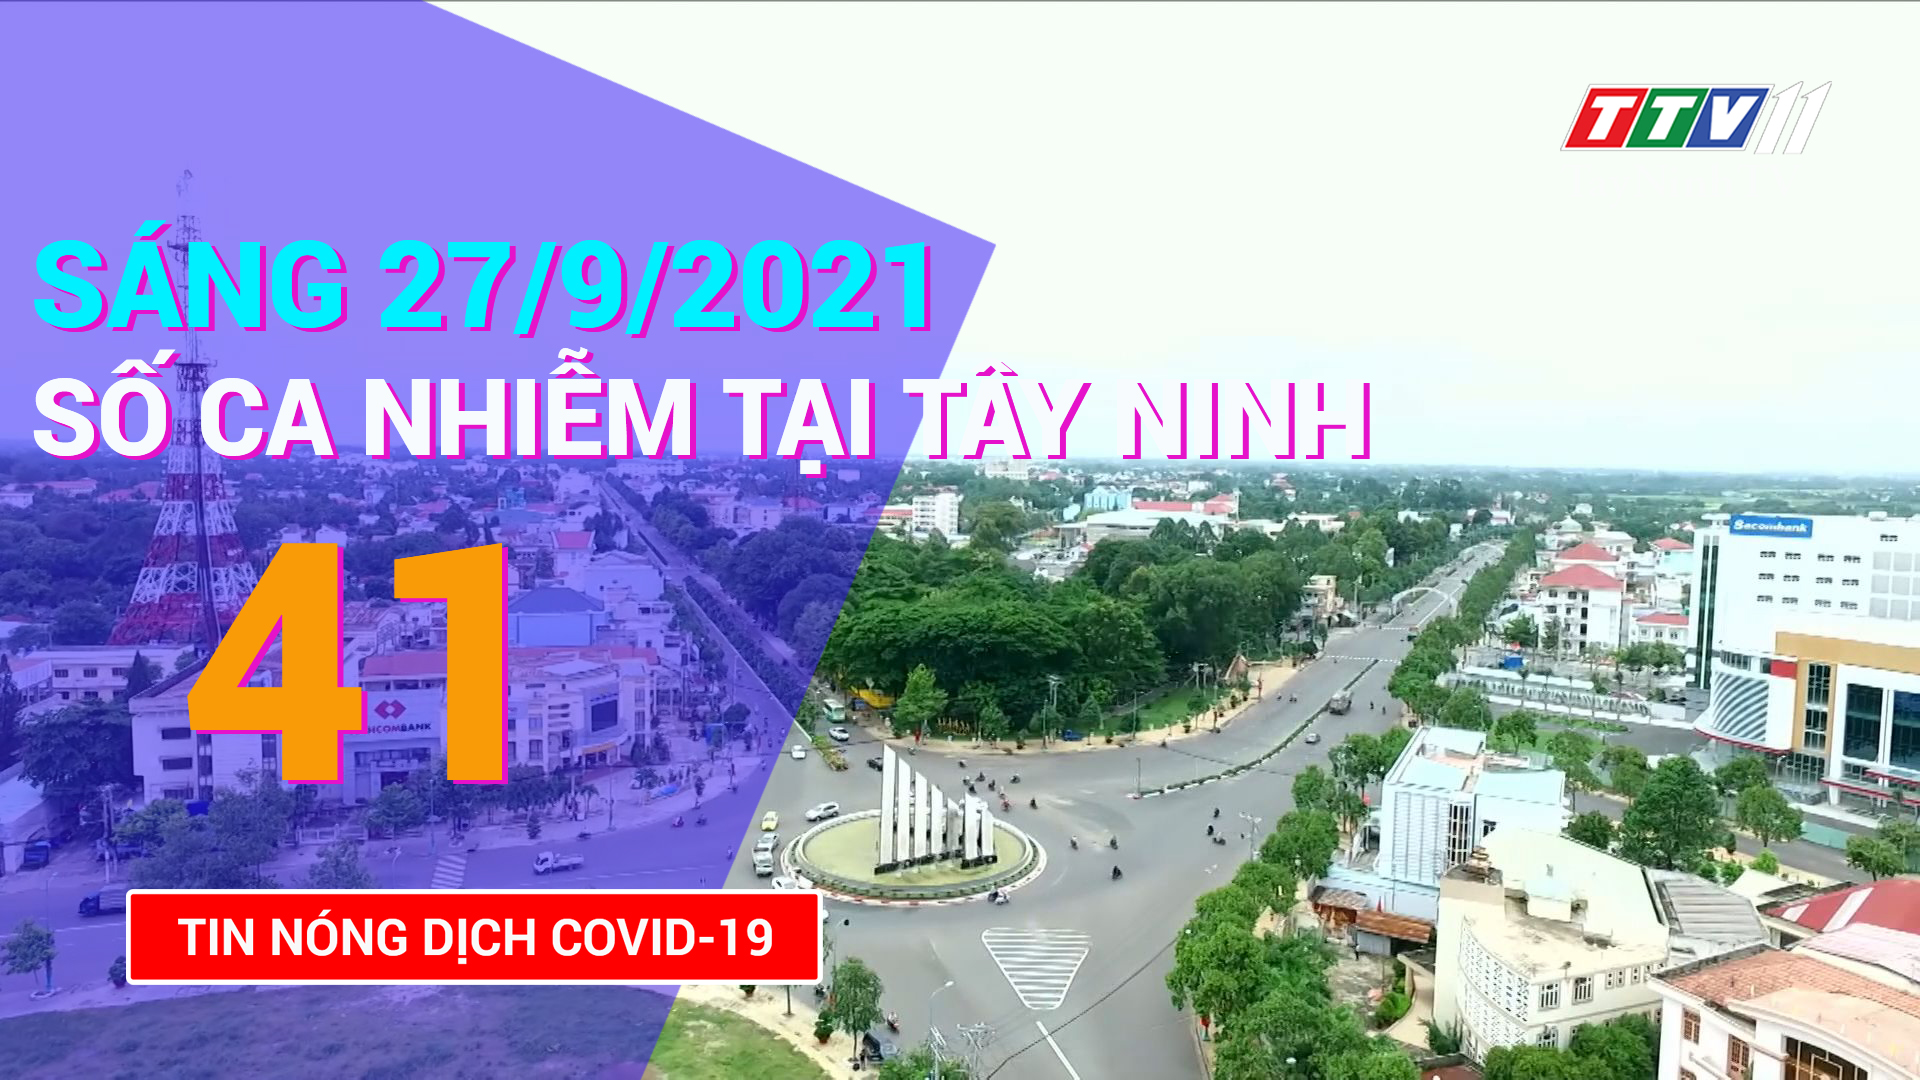 Tin tức Covid-19 sáng 27/9/2021 | TayNinhTV